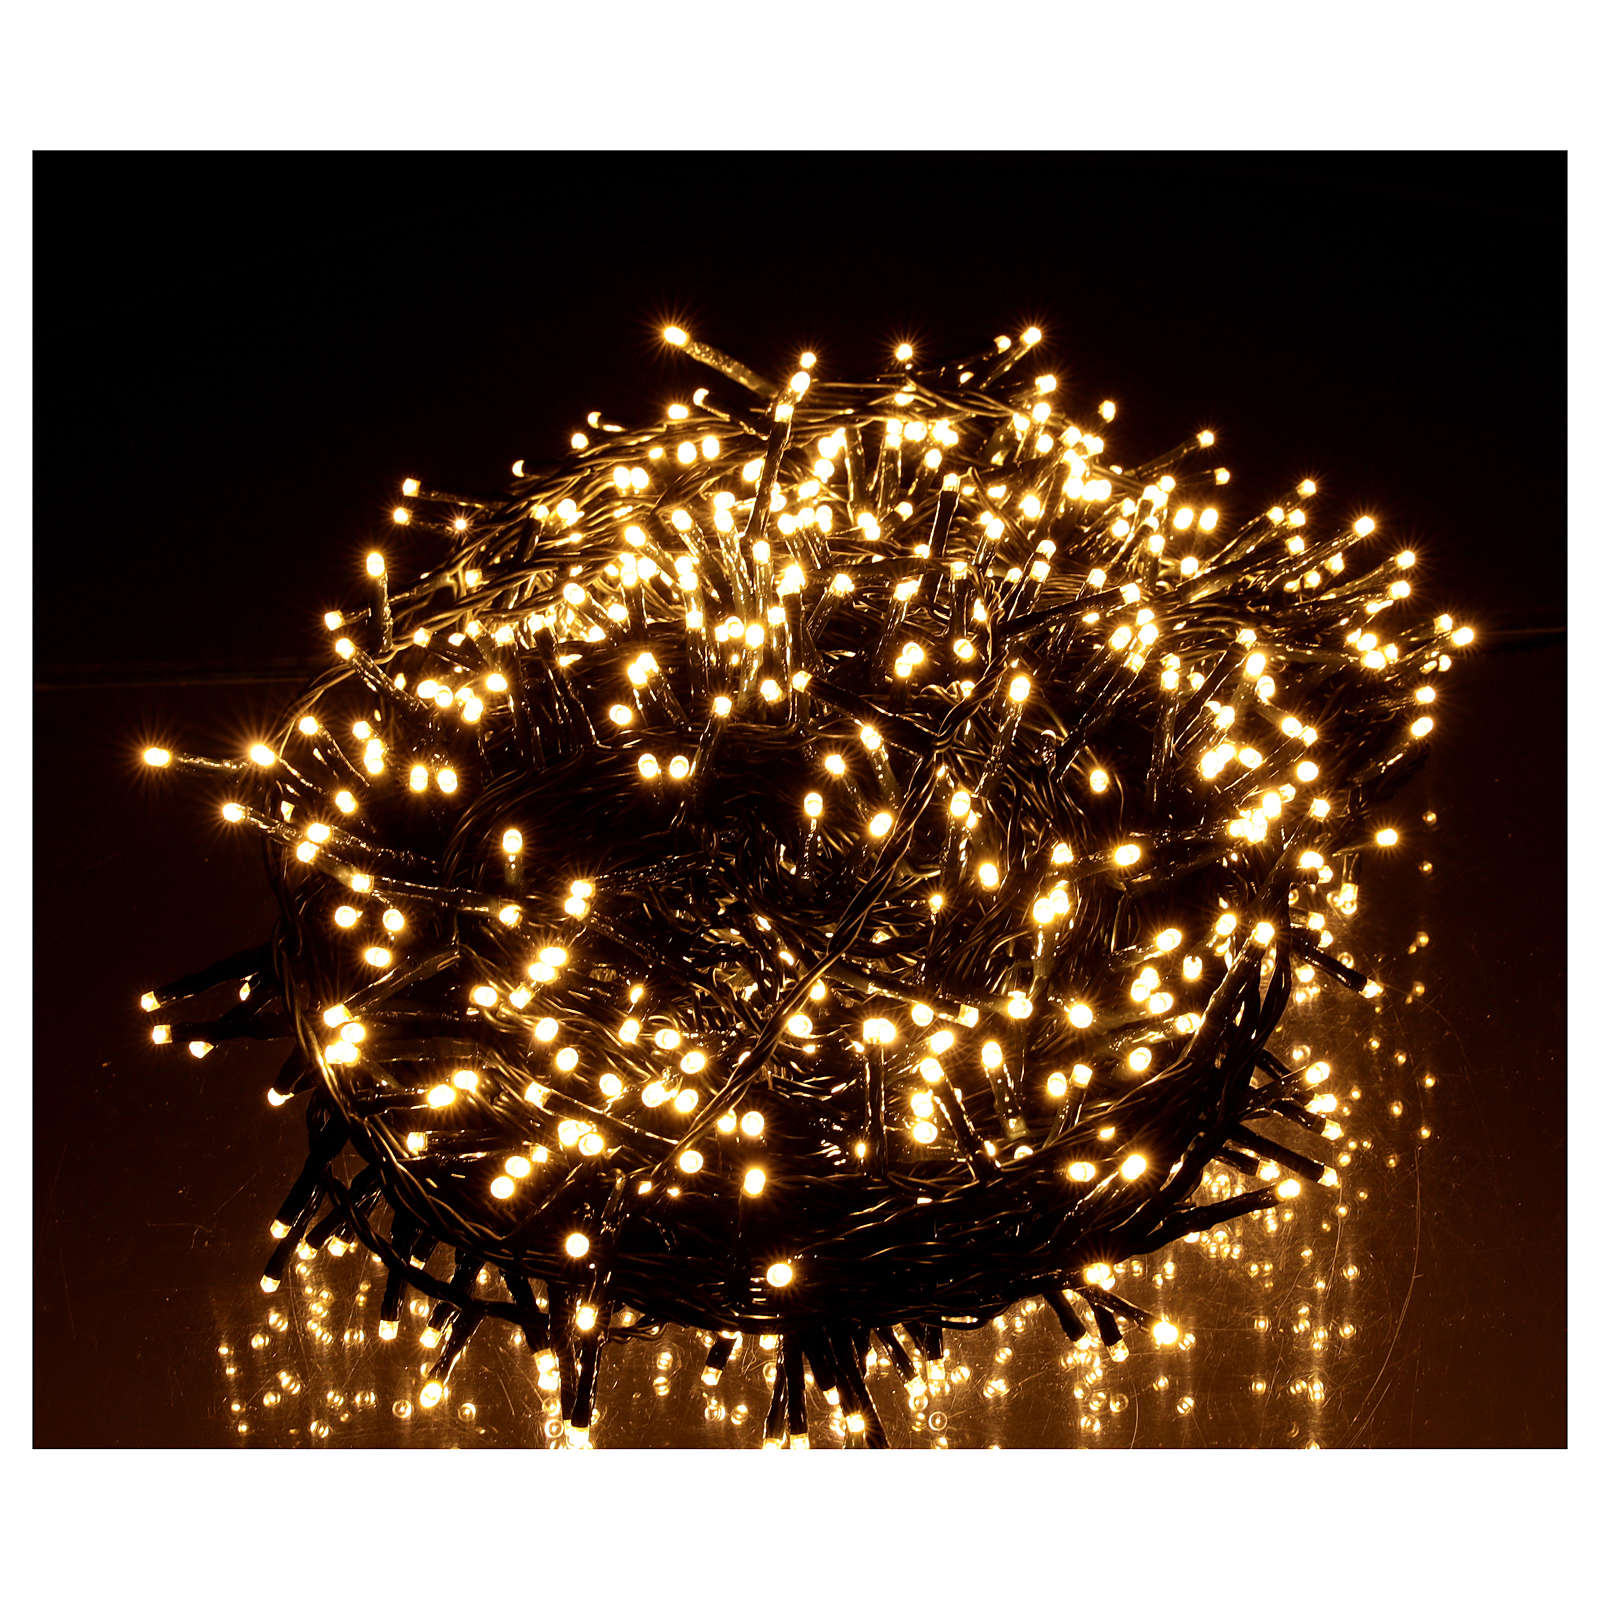 Guirlande lumineuse Noël verte 1000 LED blanc chaud avec télécommande pour extérieur 220V 3